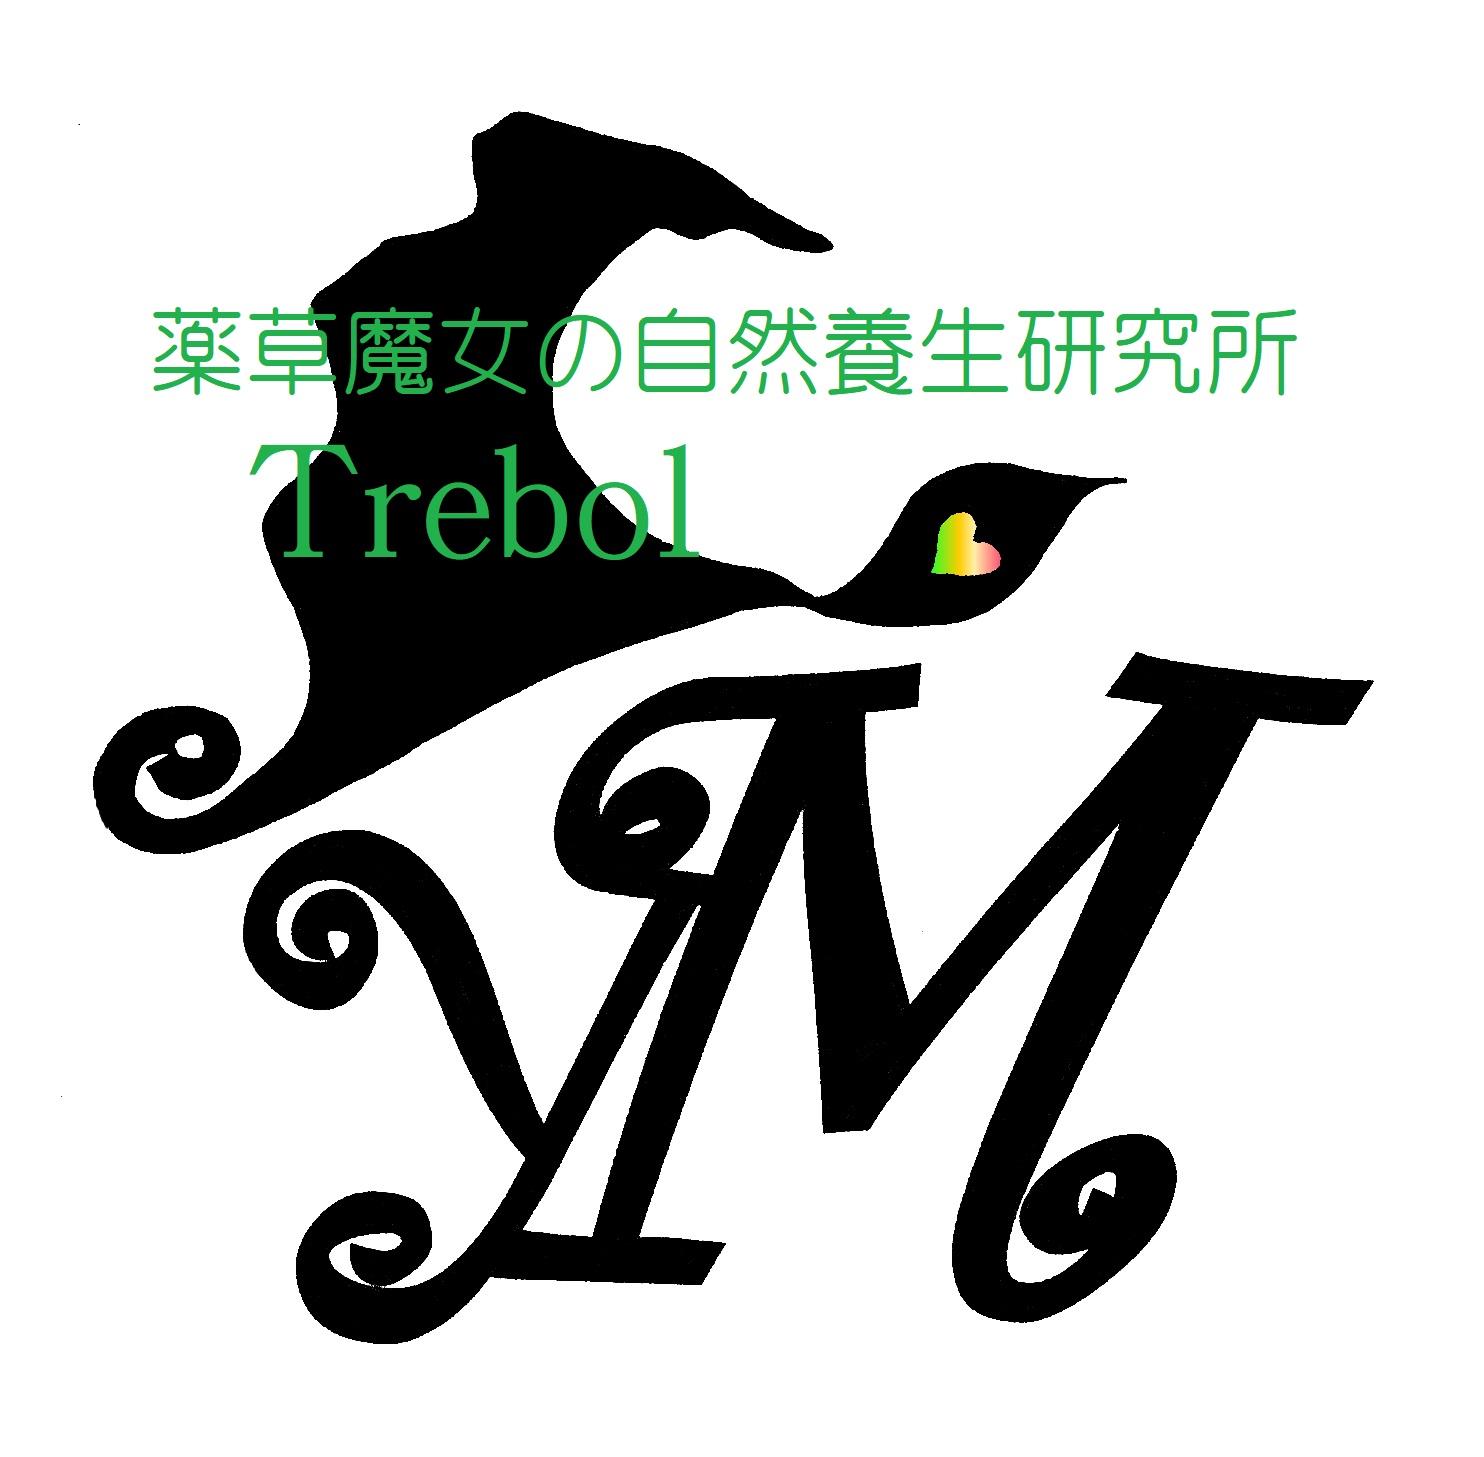 株式会社Trebol